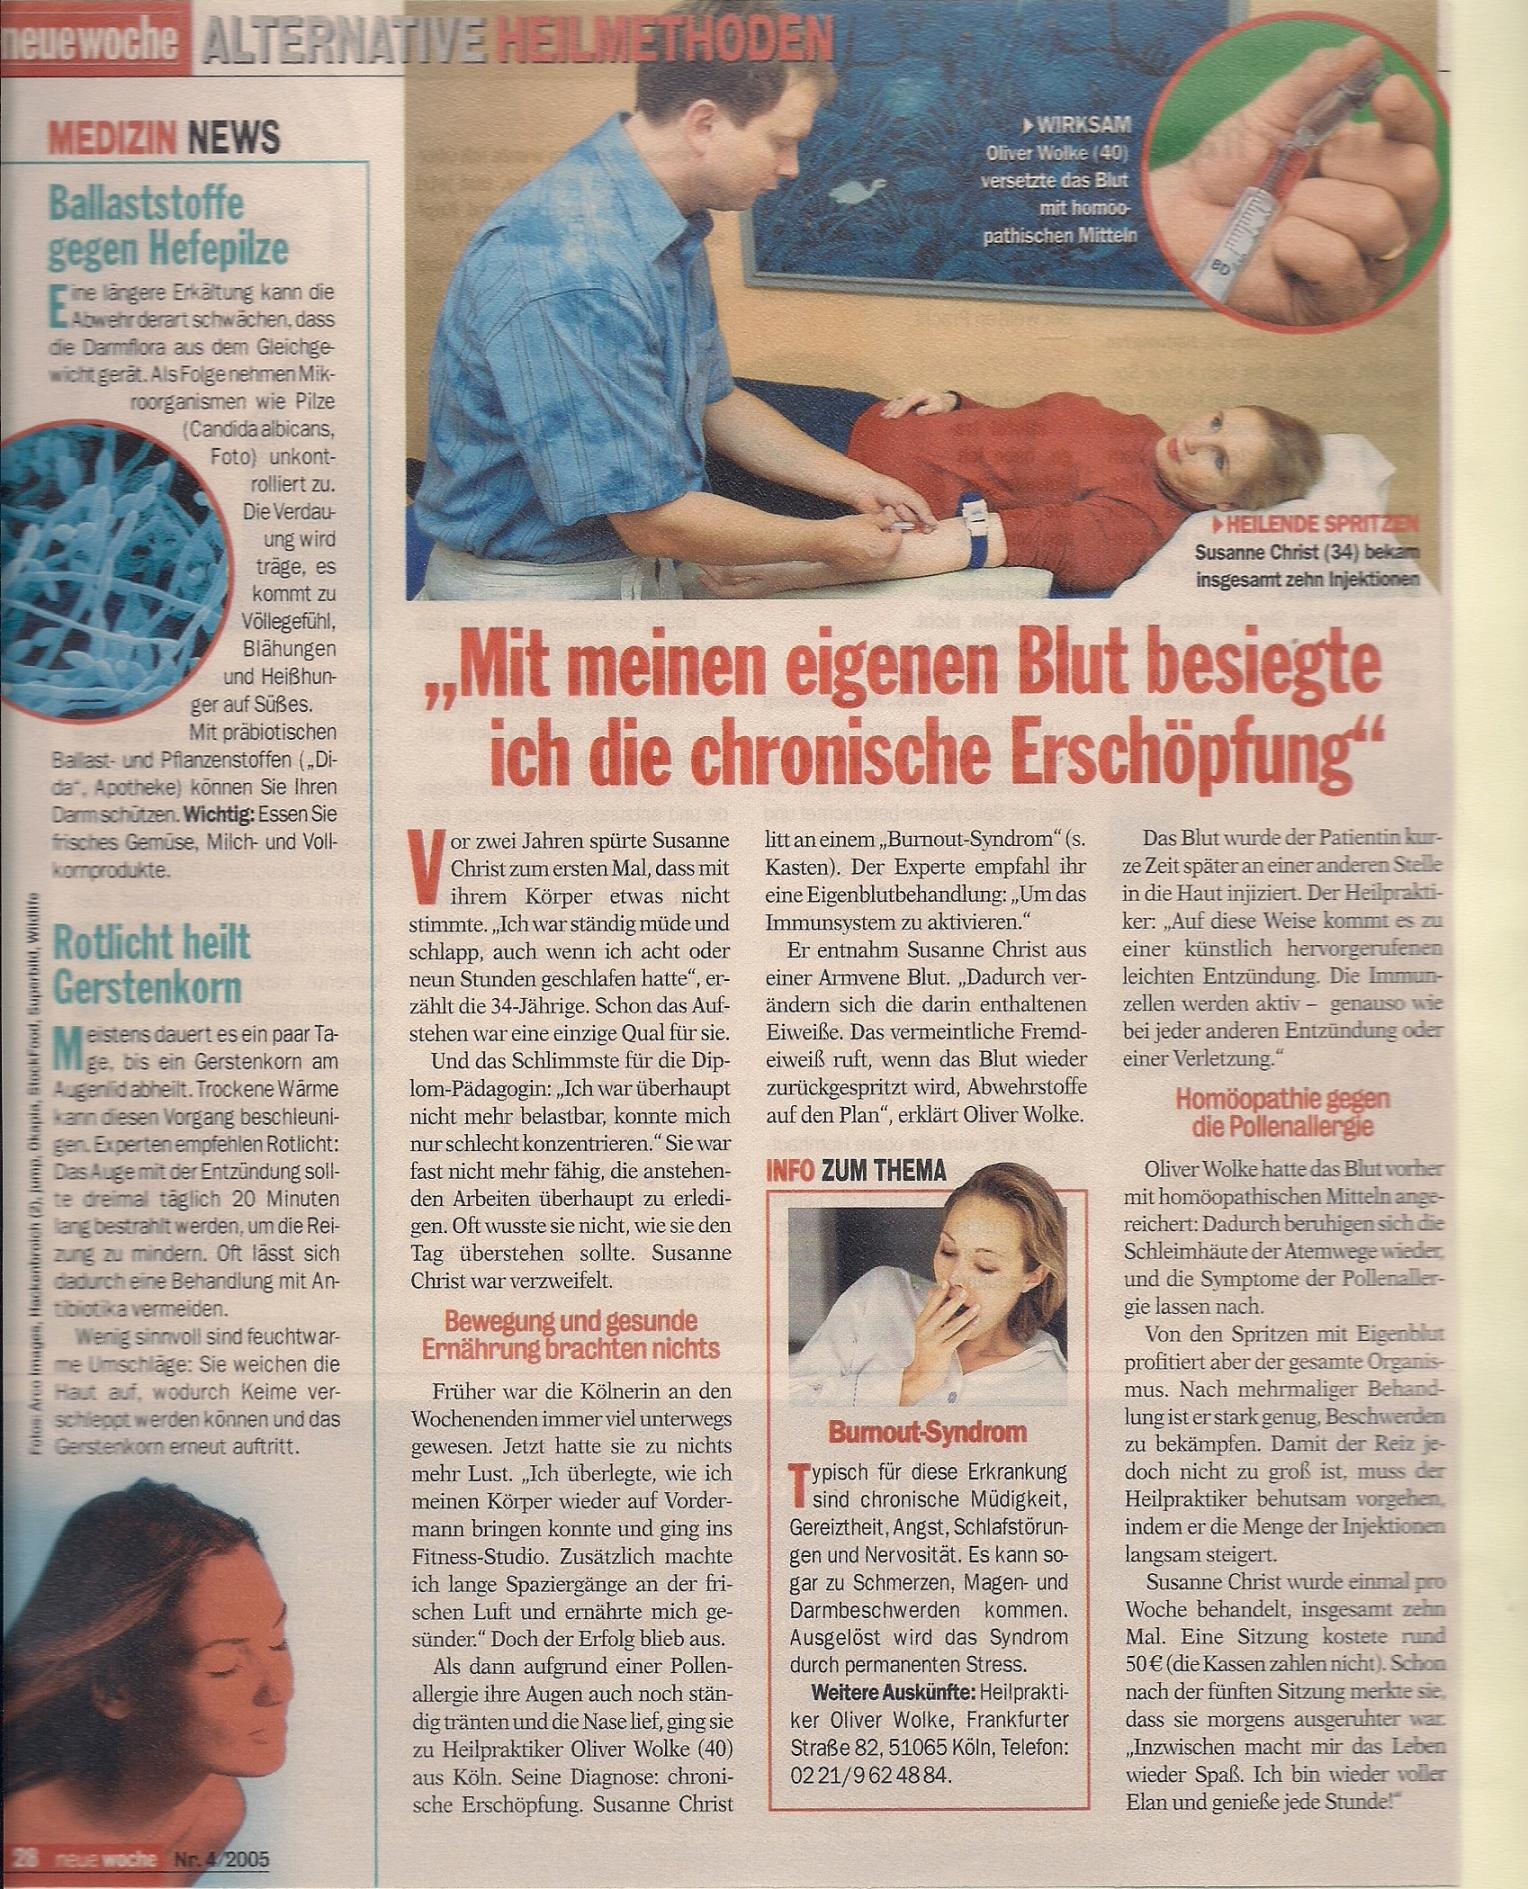 Neue Woche 4-2005-K